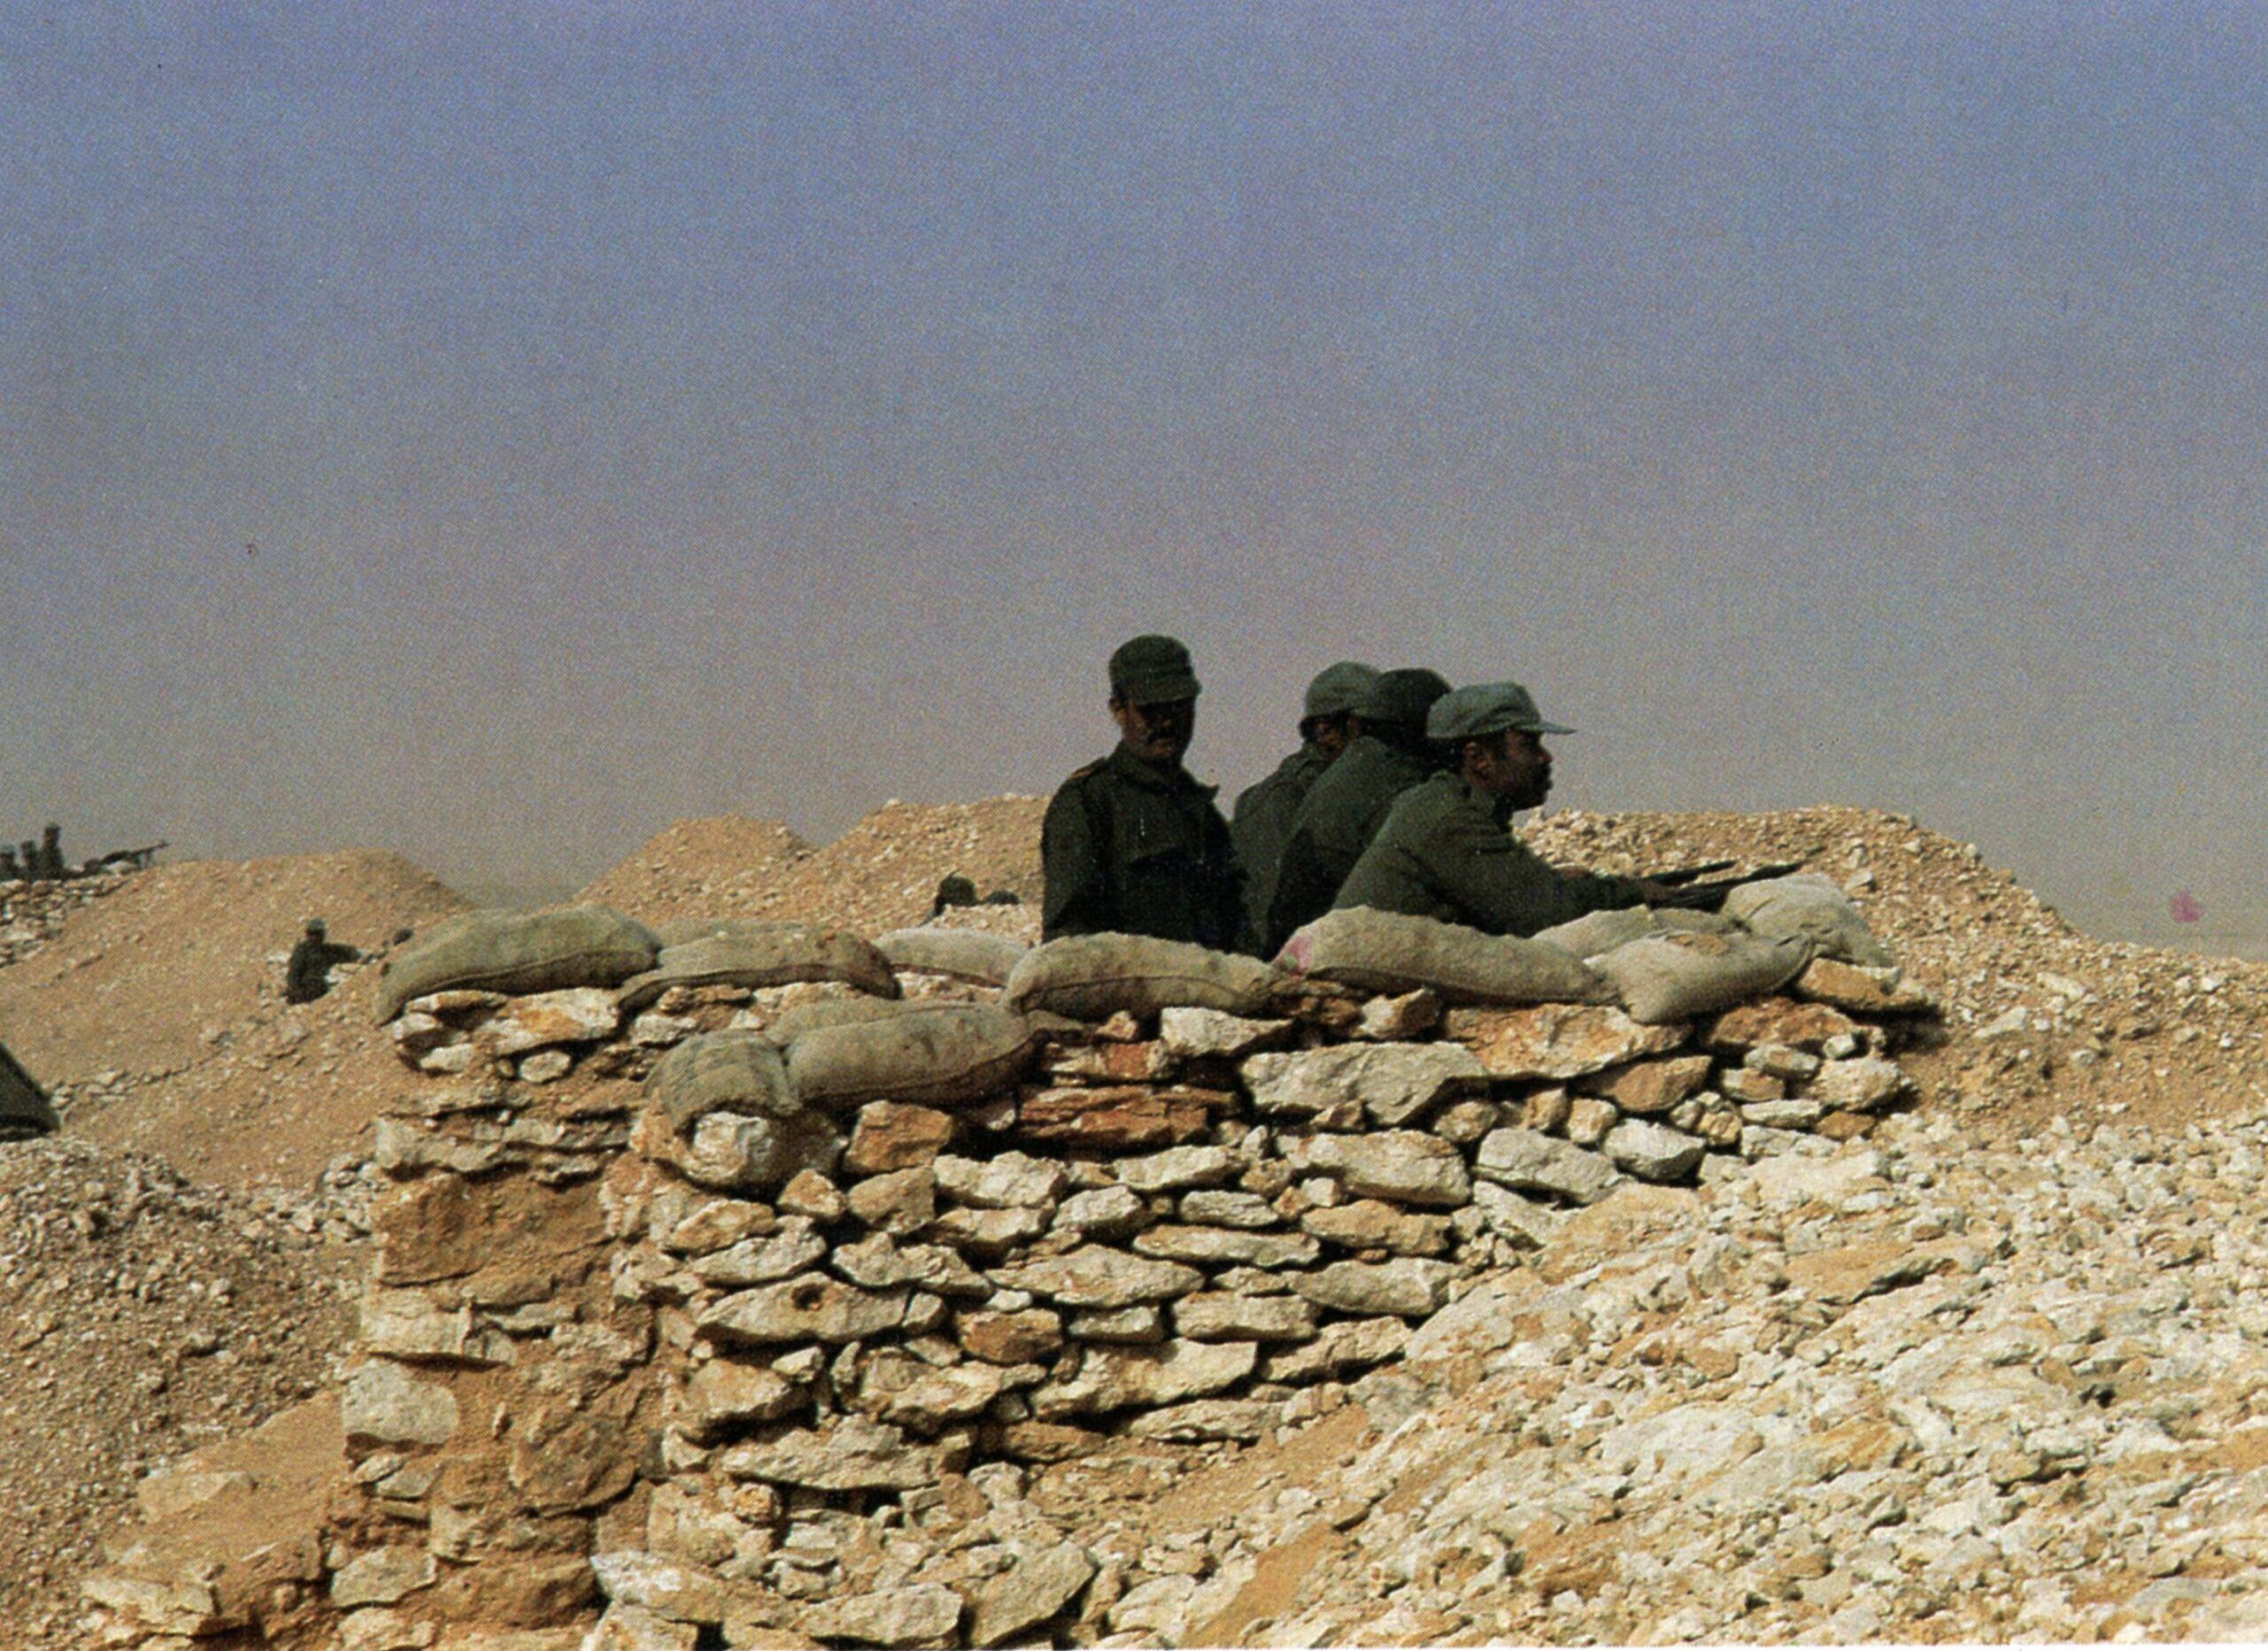 Le conflit armé du sahara marocain - Page 16 Mur10